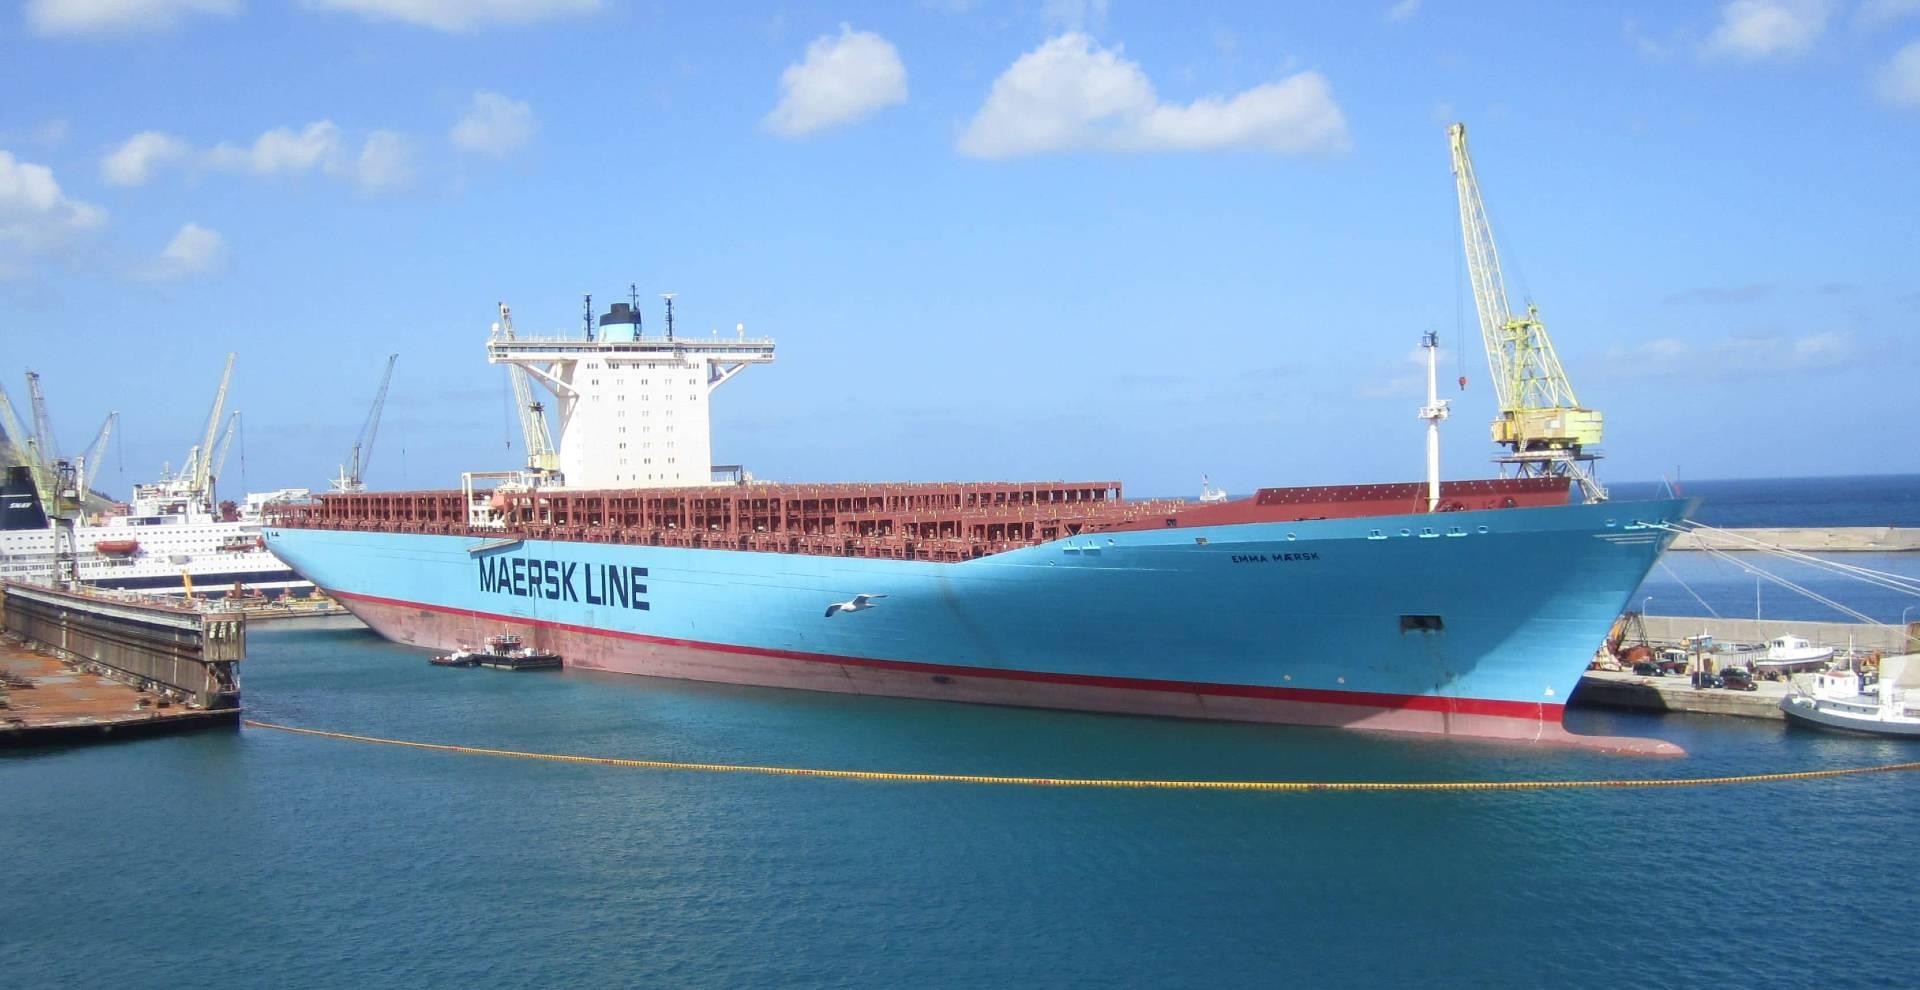 El barco Emma Mærsk, el segundo más grande del mundo